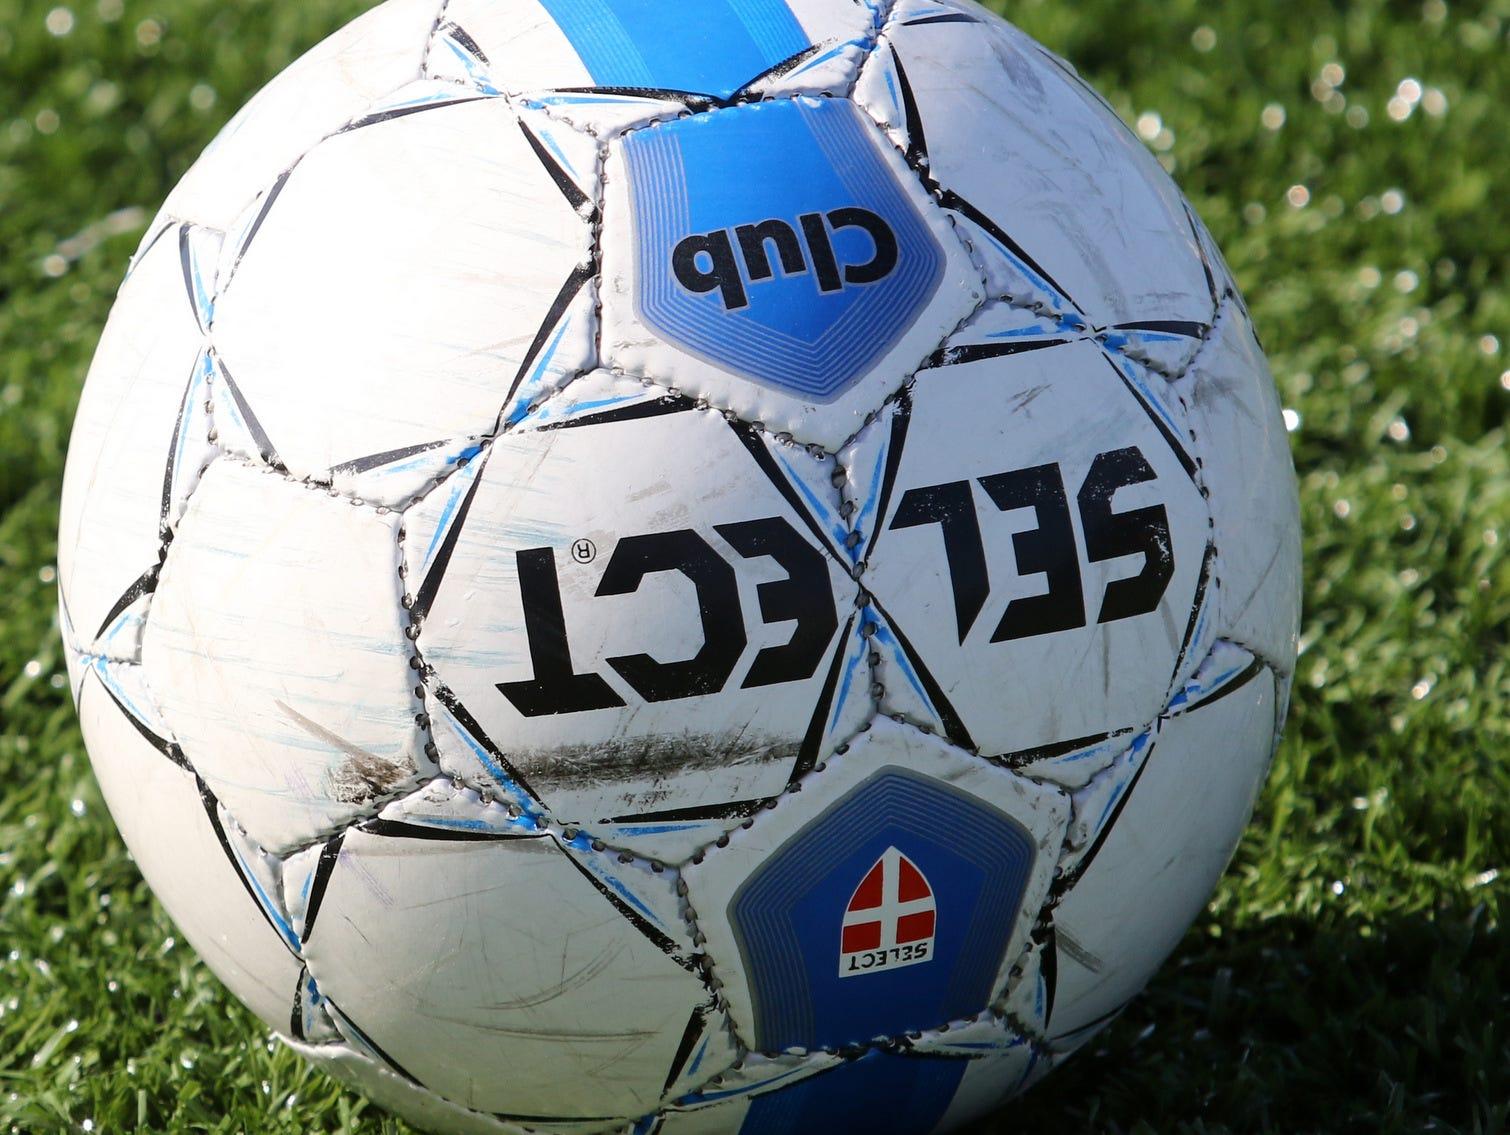 Girls soccer ball.